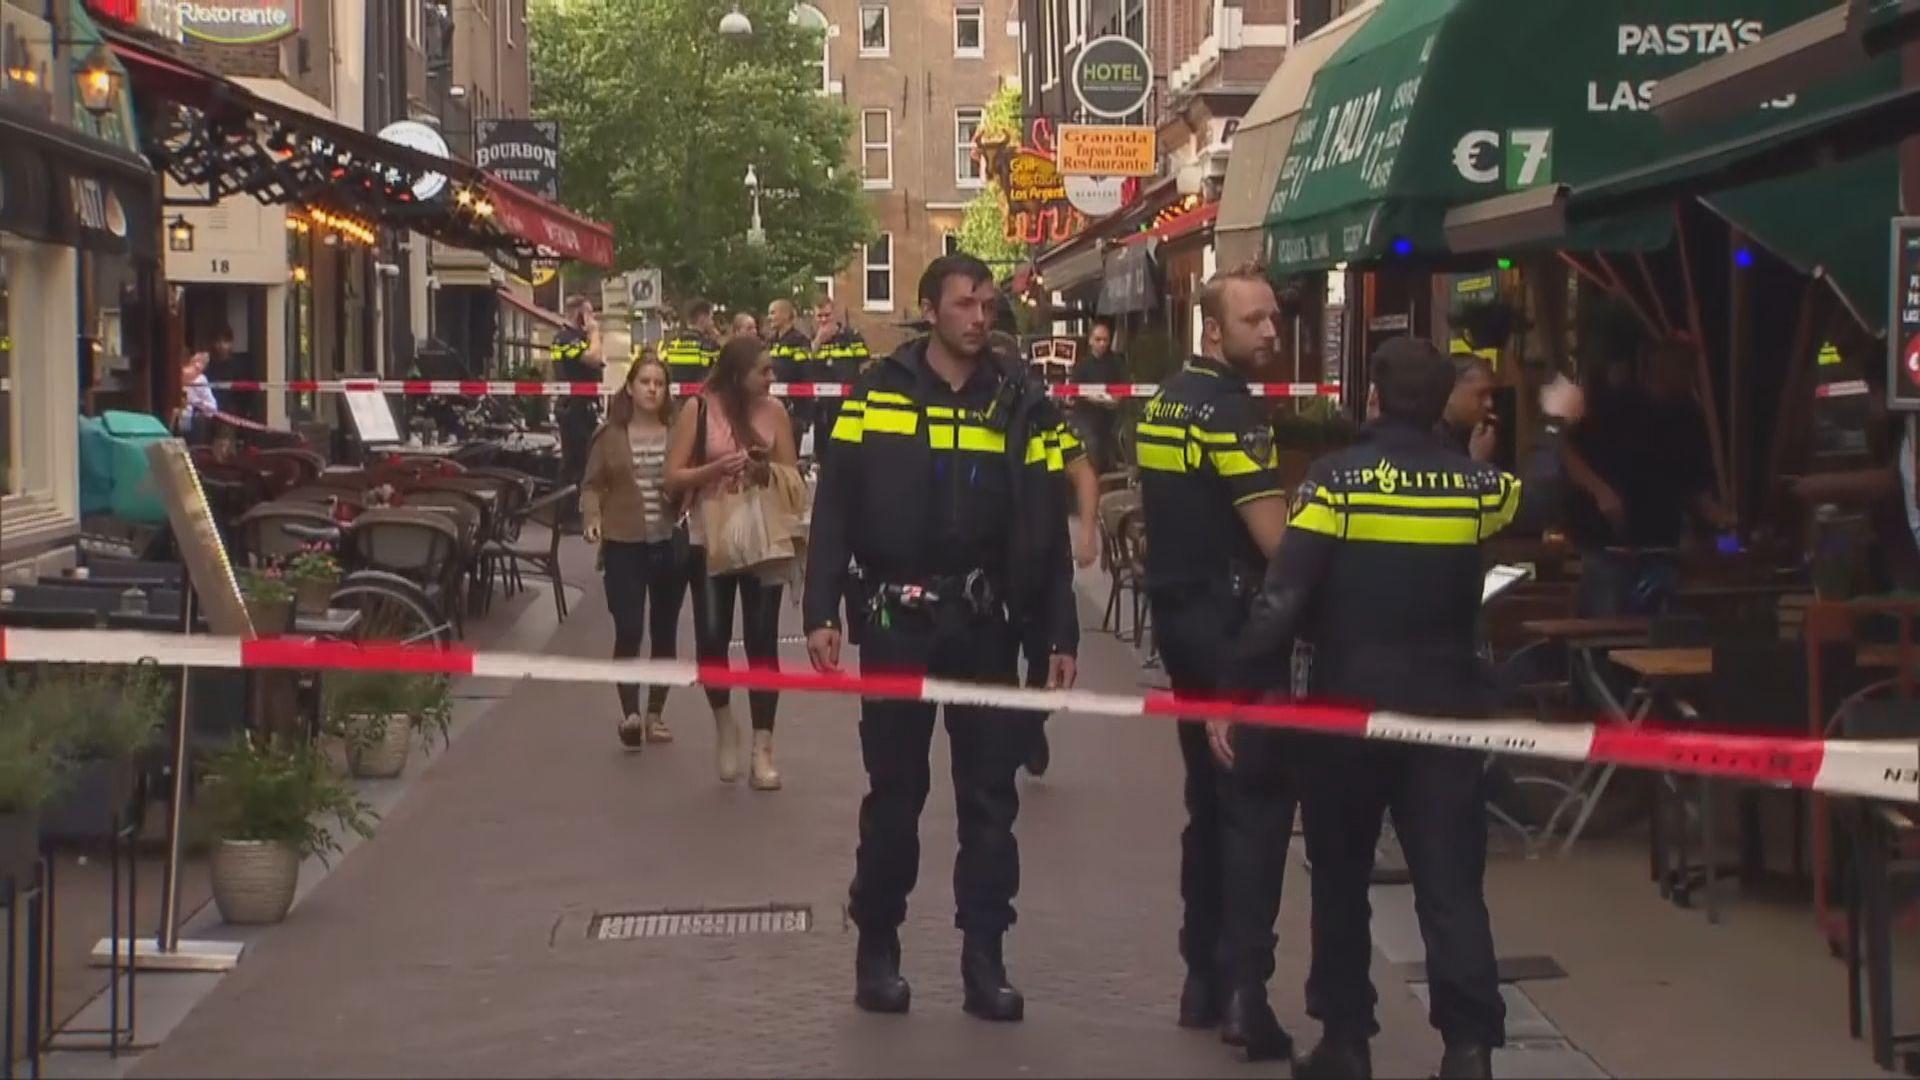 荷蘭著名記者街頭遭人槍擊 情況危殆